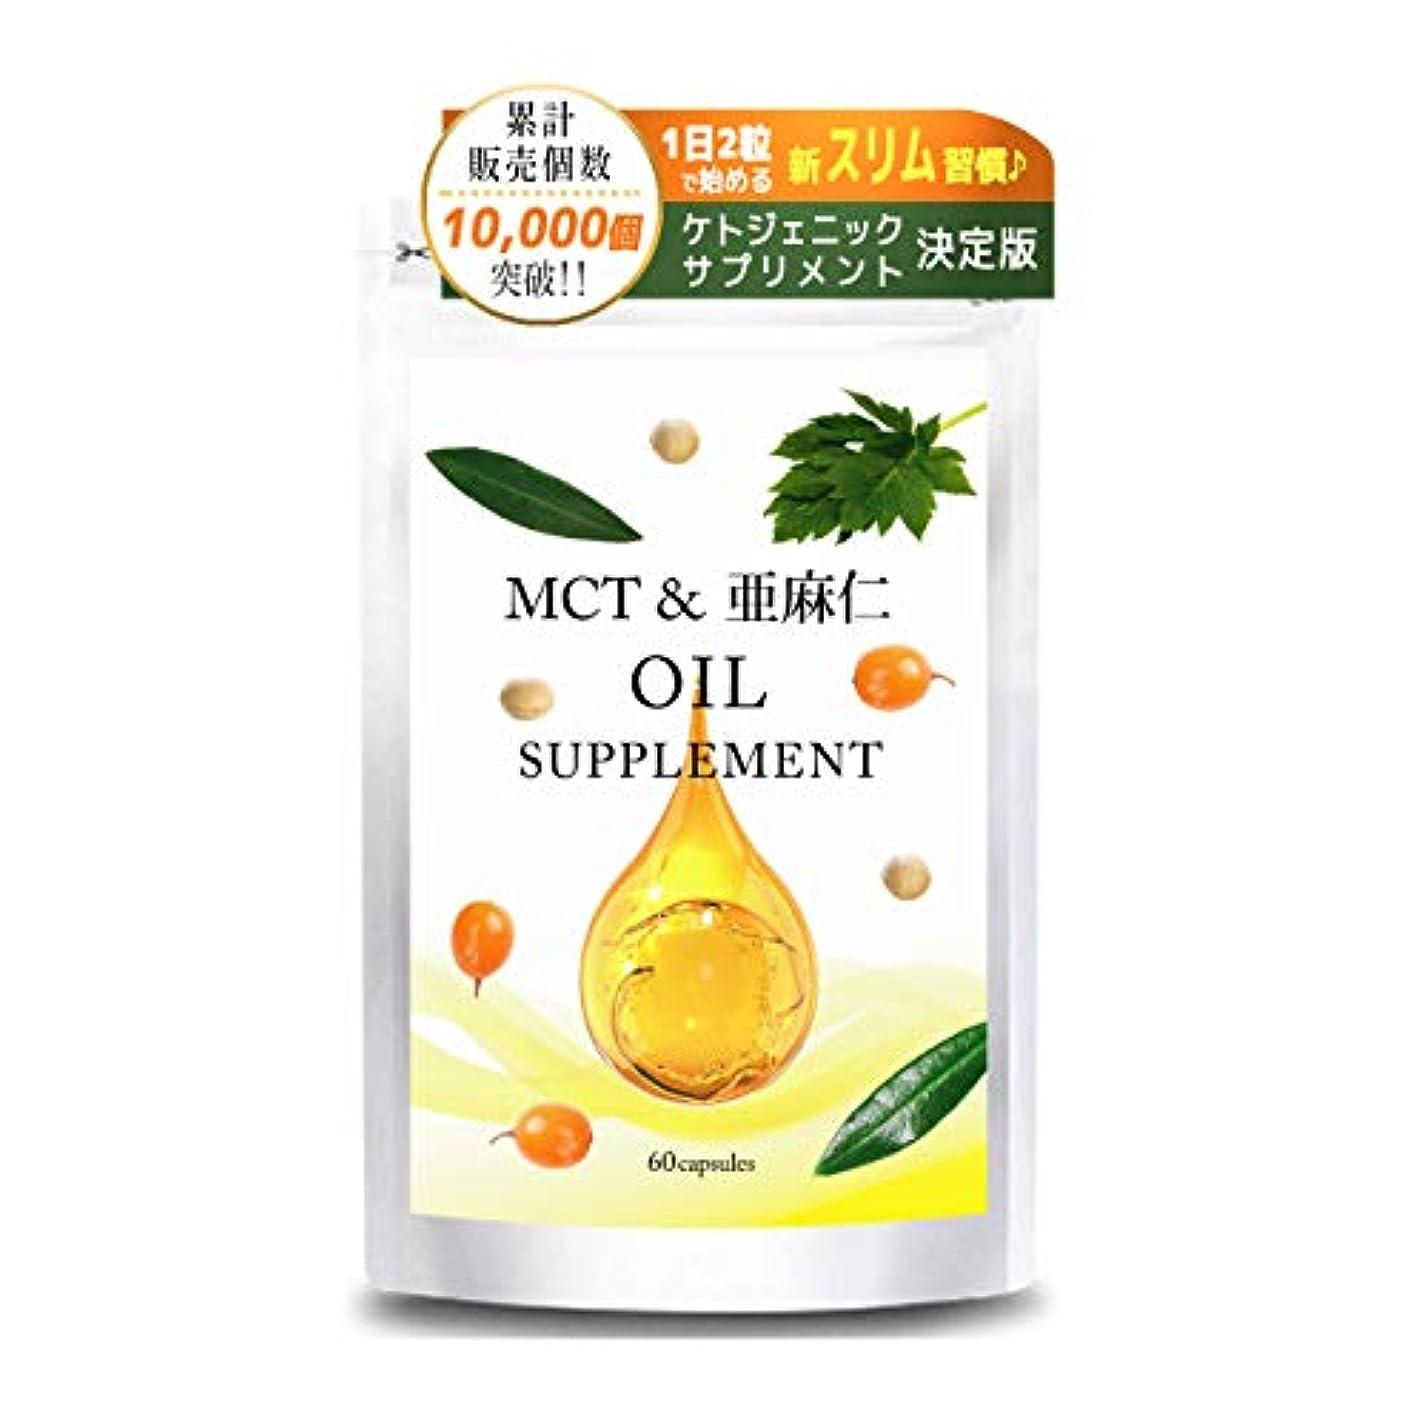 時々時々上記の頭と肩ホイストMCT &亜麻仁 OIL SUPPLEMENT MCT アマニ油 ケイ素 カプセル 【約1ヶ月分60粒】